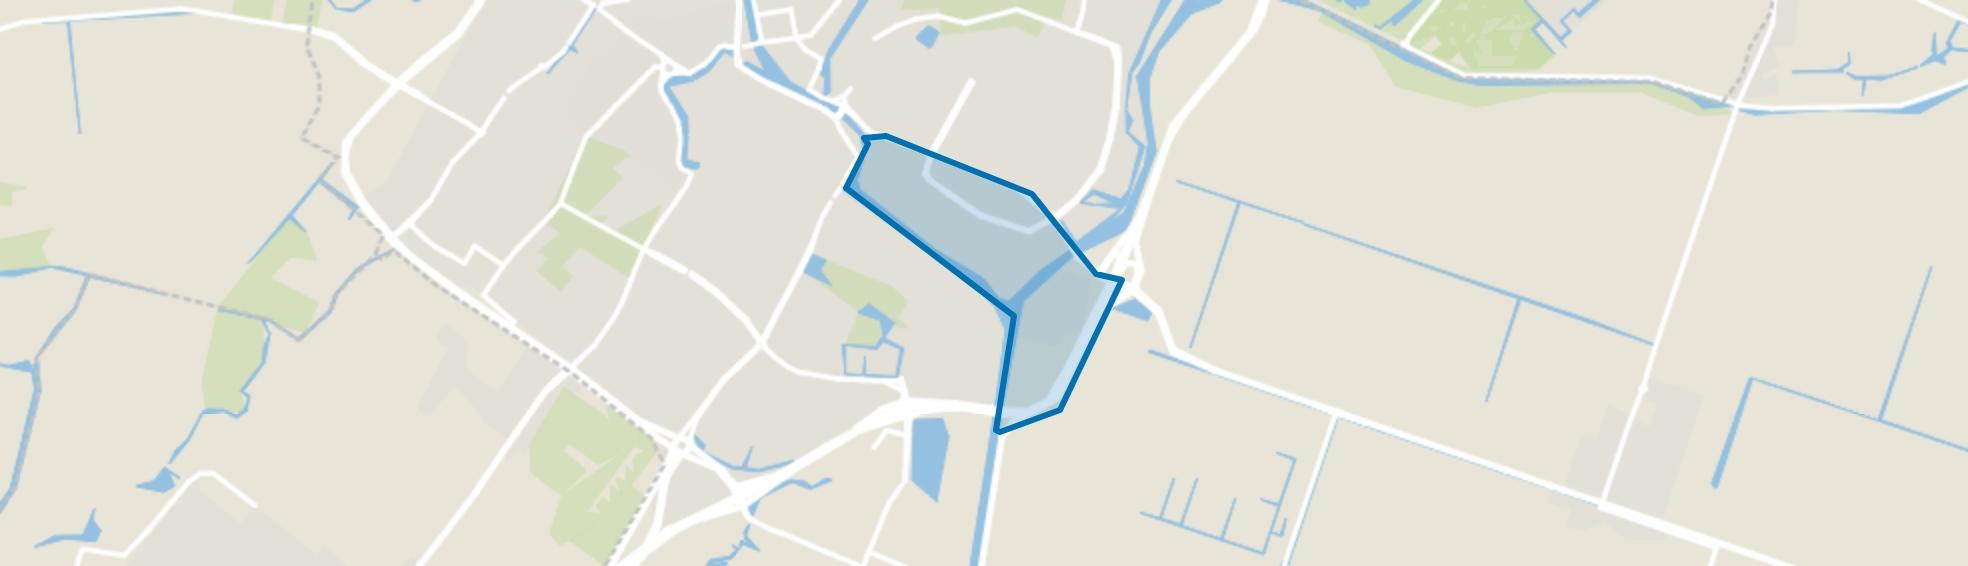 Schermereiland en Omval, Alkmaar map